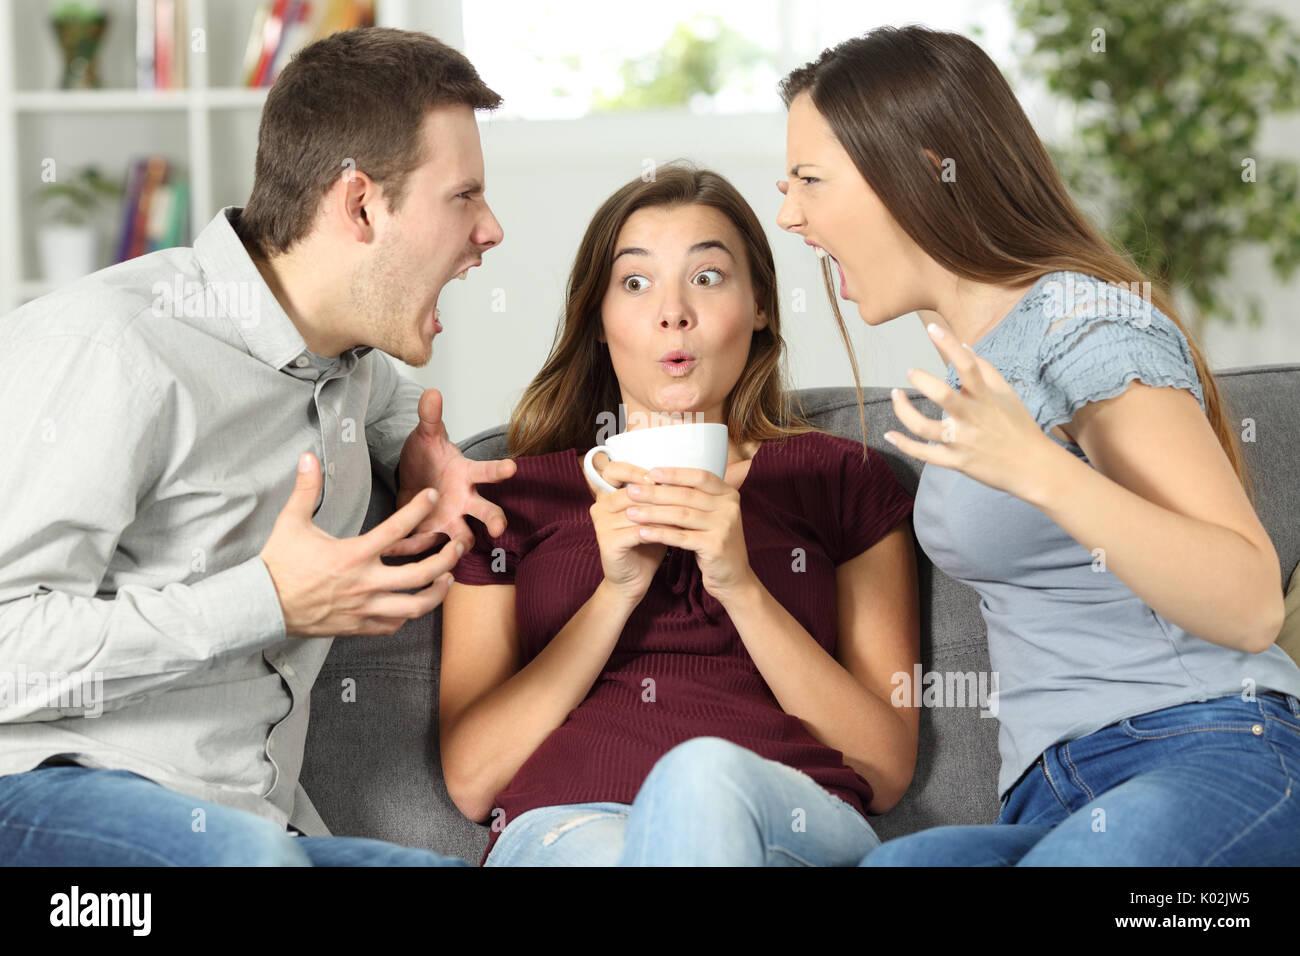 Malestar amigo en medio de una pareja discusión en casa Foto de stock